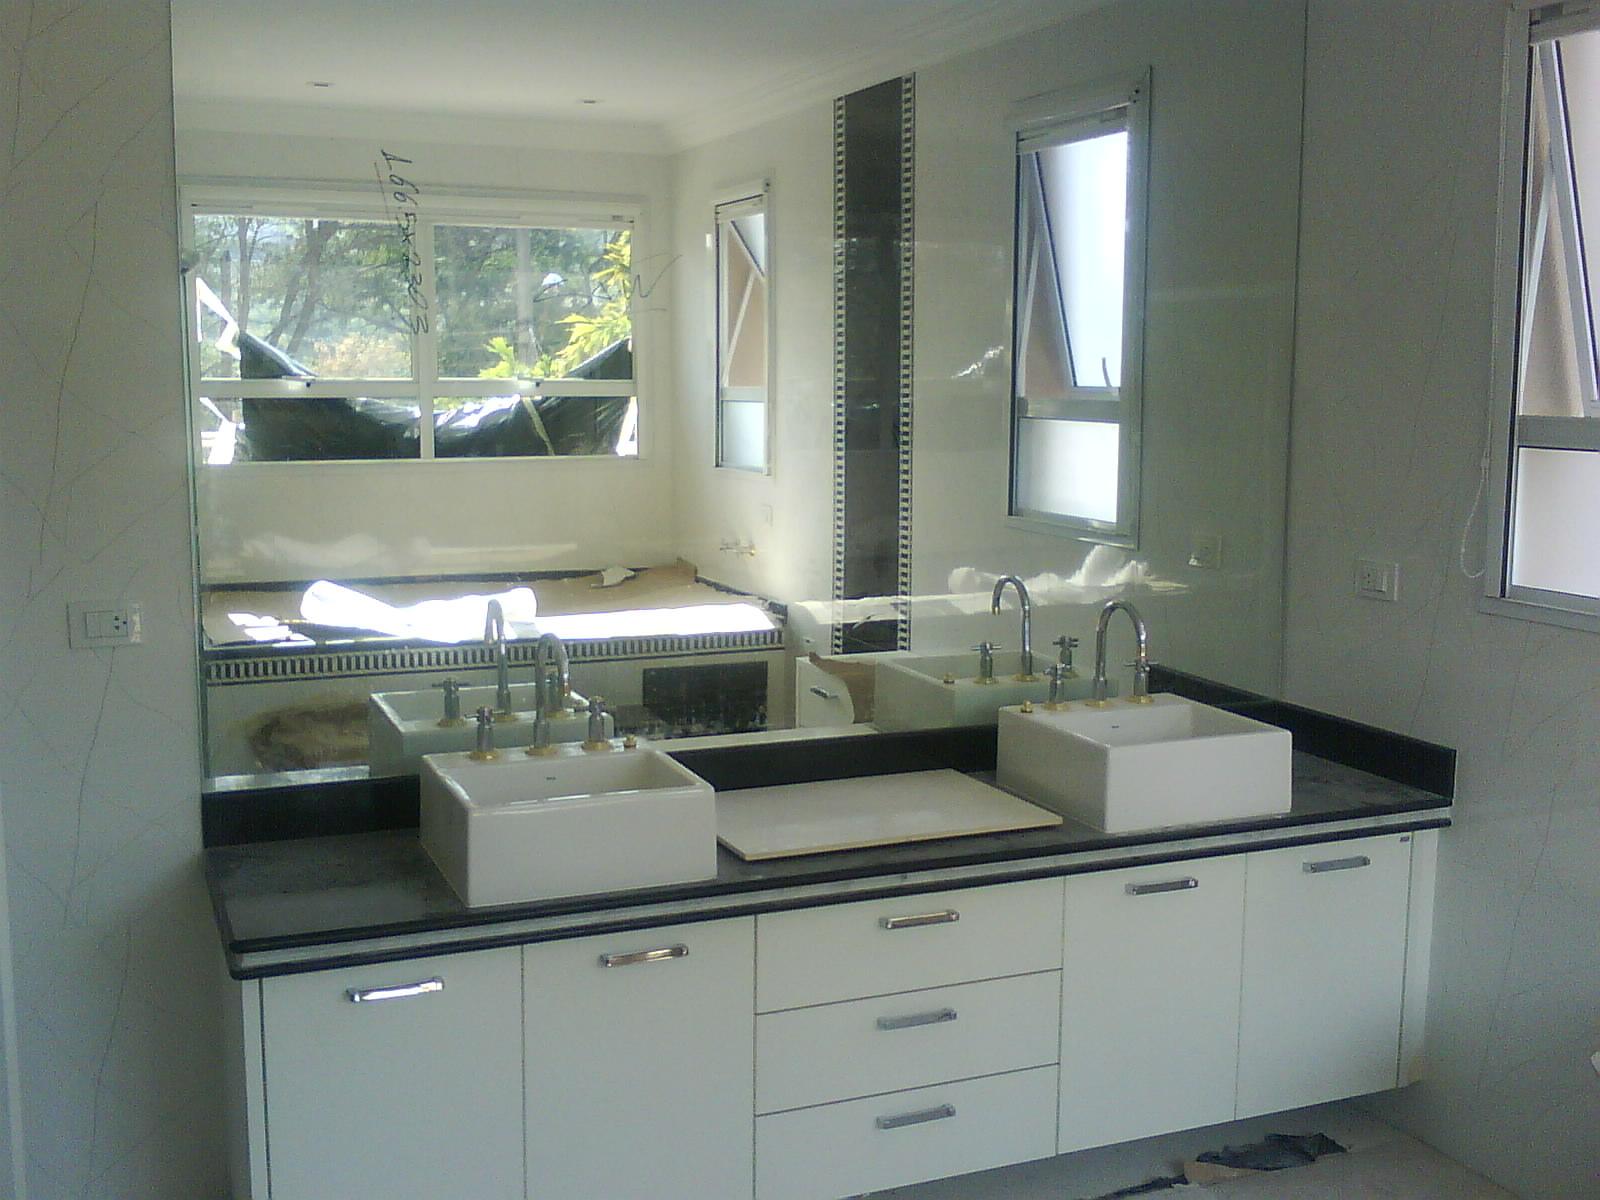 #556076 VIPaulo Vidros e Box: sacadas divisória para banheiras espelhos  1452 Sos Do Alumínio Portas Janelas E Box Belo Horizonte Mg